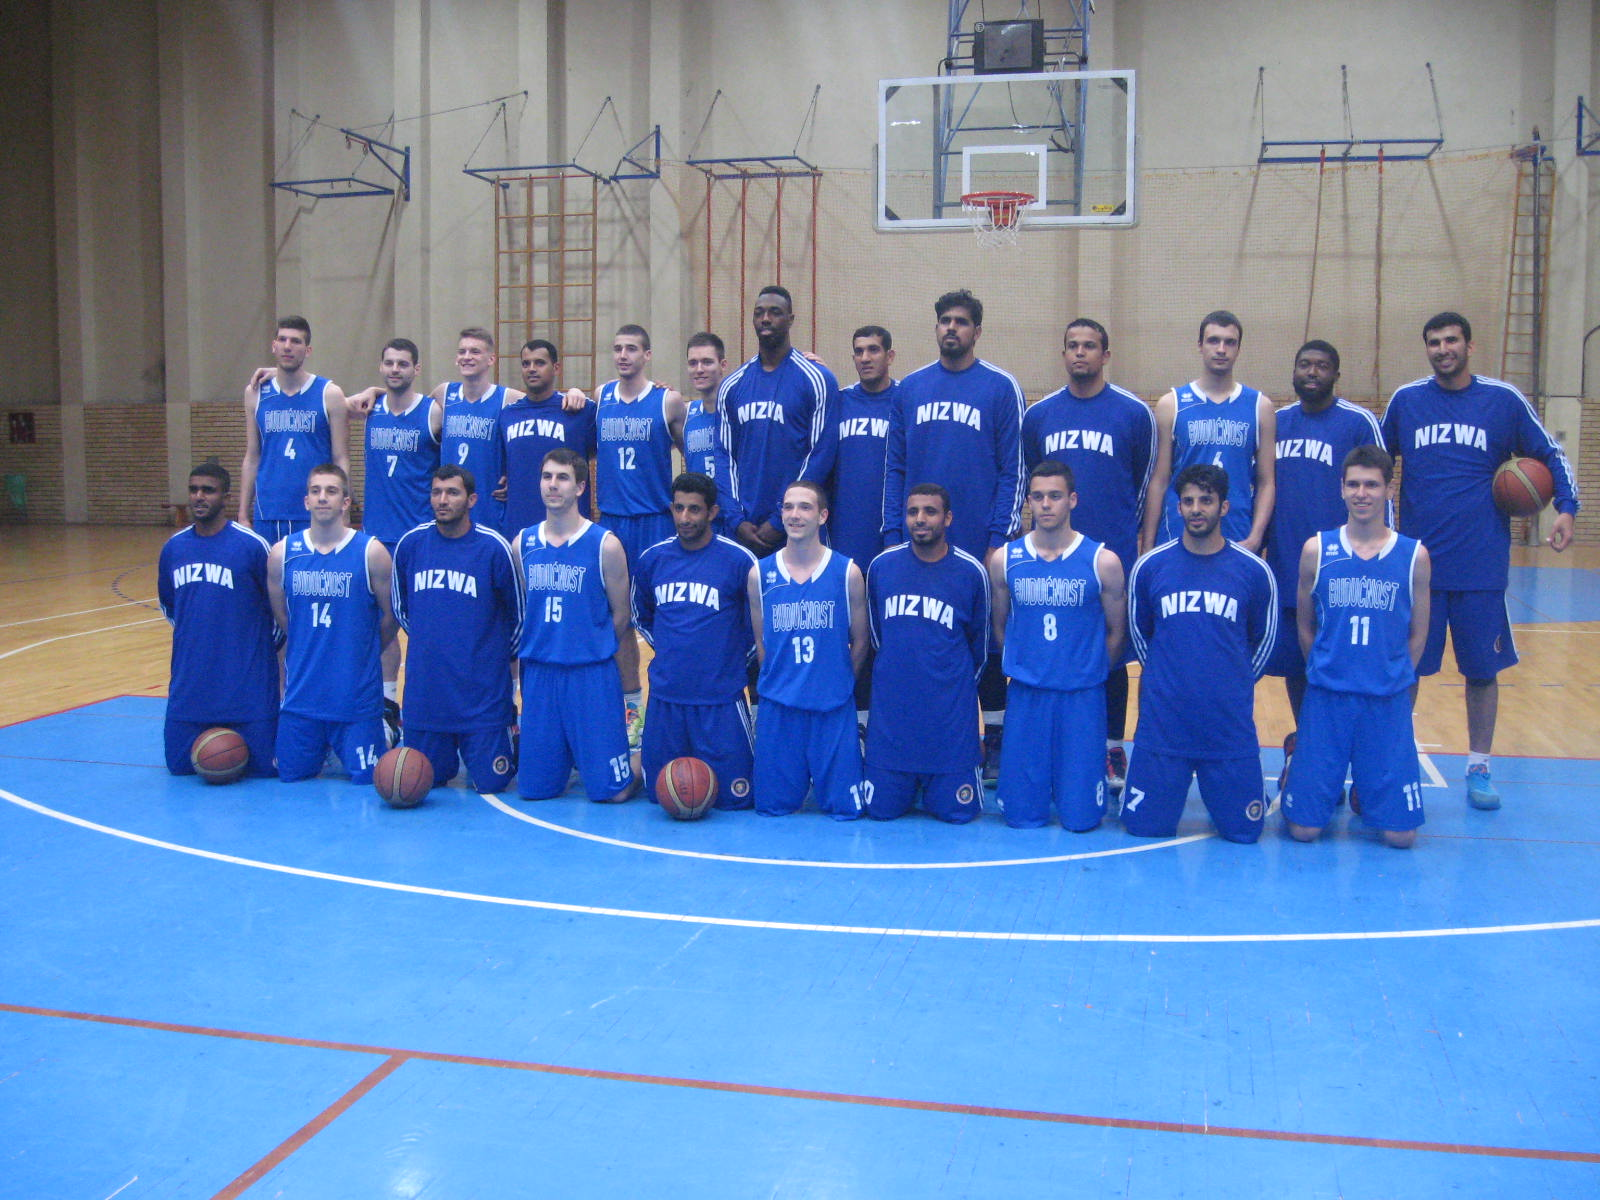 Zajednički snimak košarkaša novosadske Budućnosti i Nicve iz Omana   Foto: Vlastimir Jankov